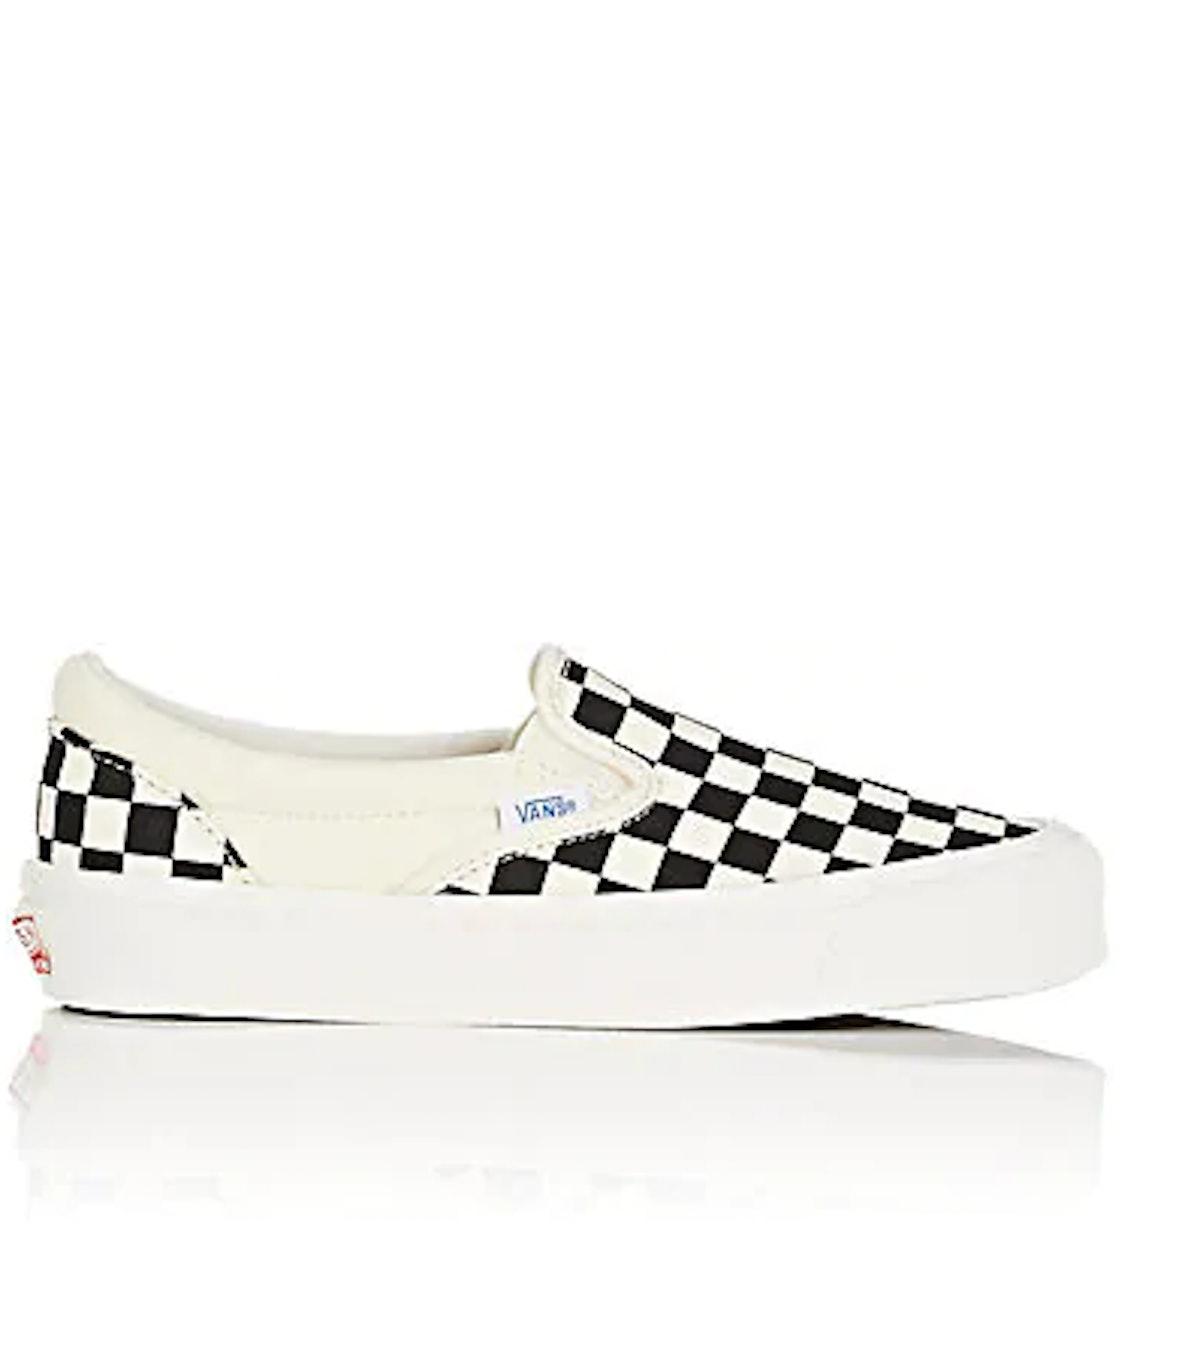 OG Classic Slip-On Sneakers